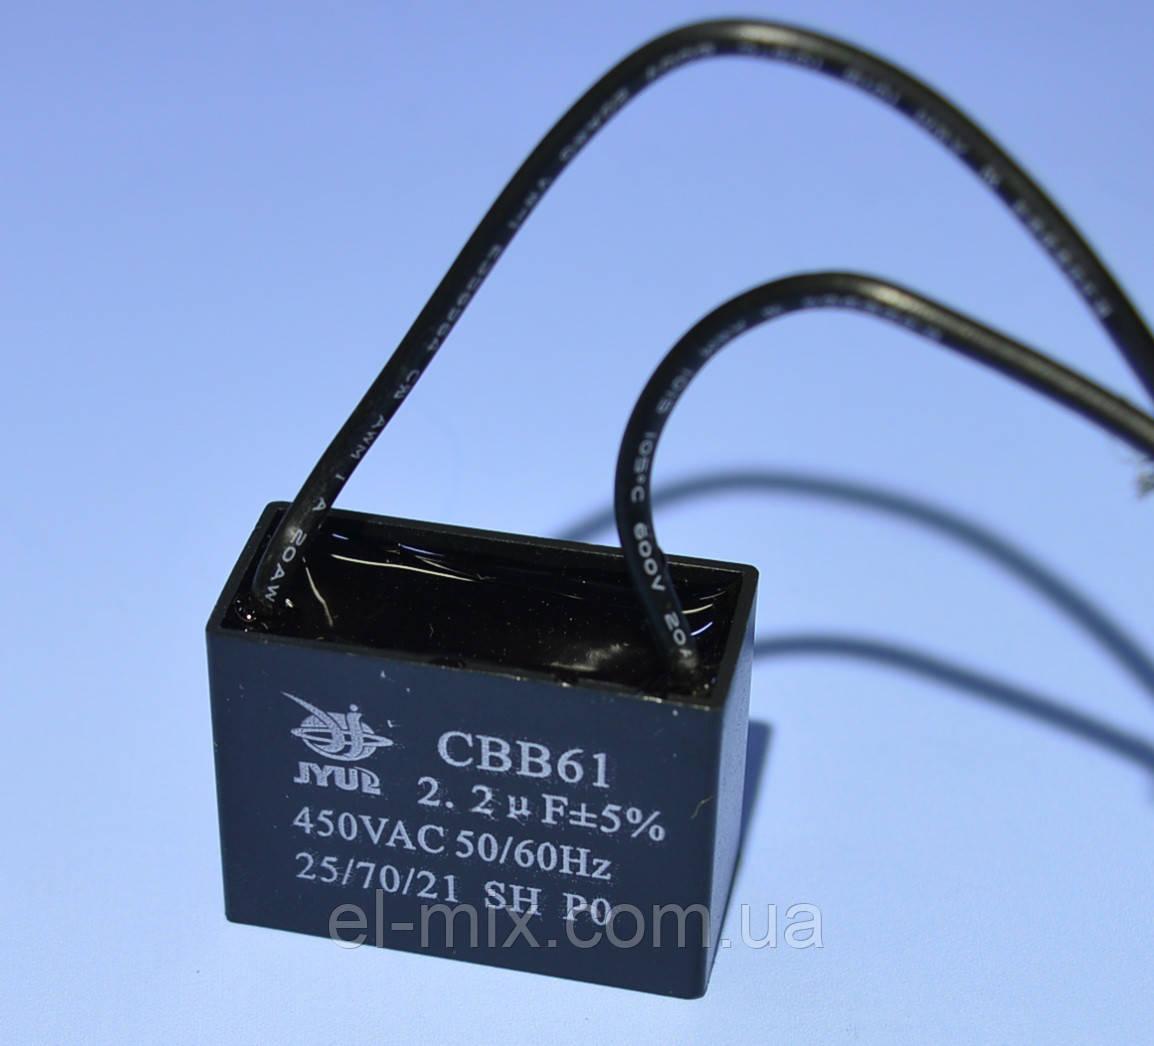 Конденсатор CBB-61  2.2µF 450VAC ±5% (гибкие выводы) 38*17*28мм  JYUL